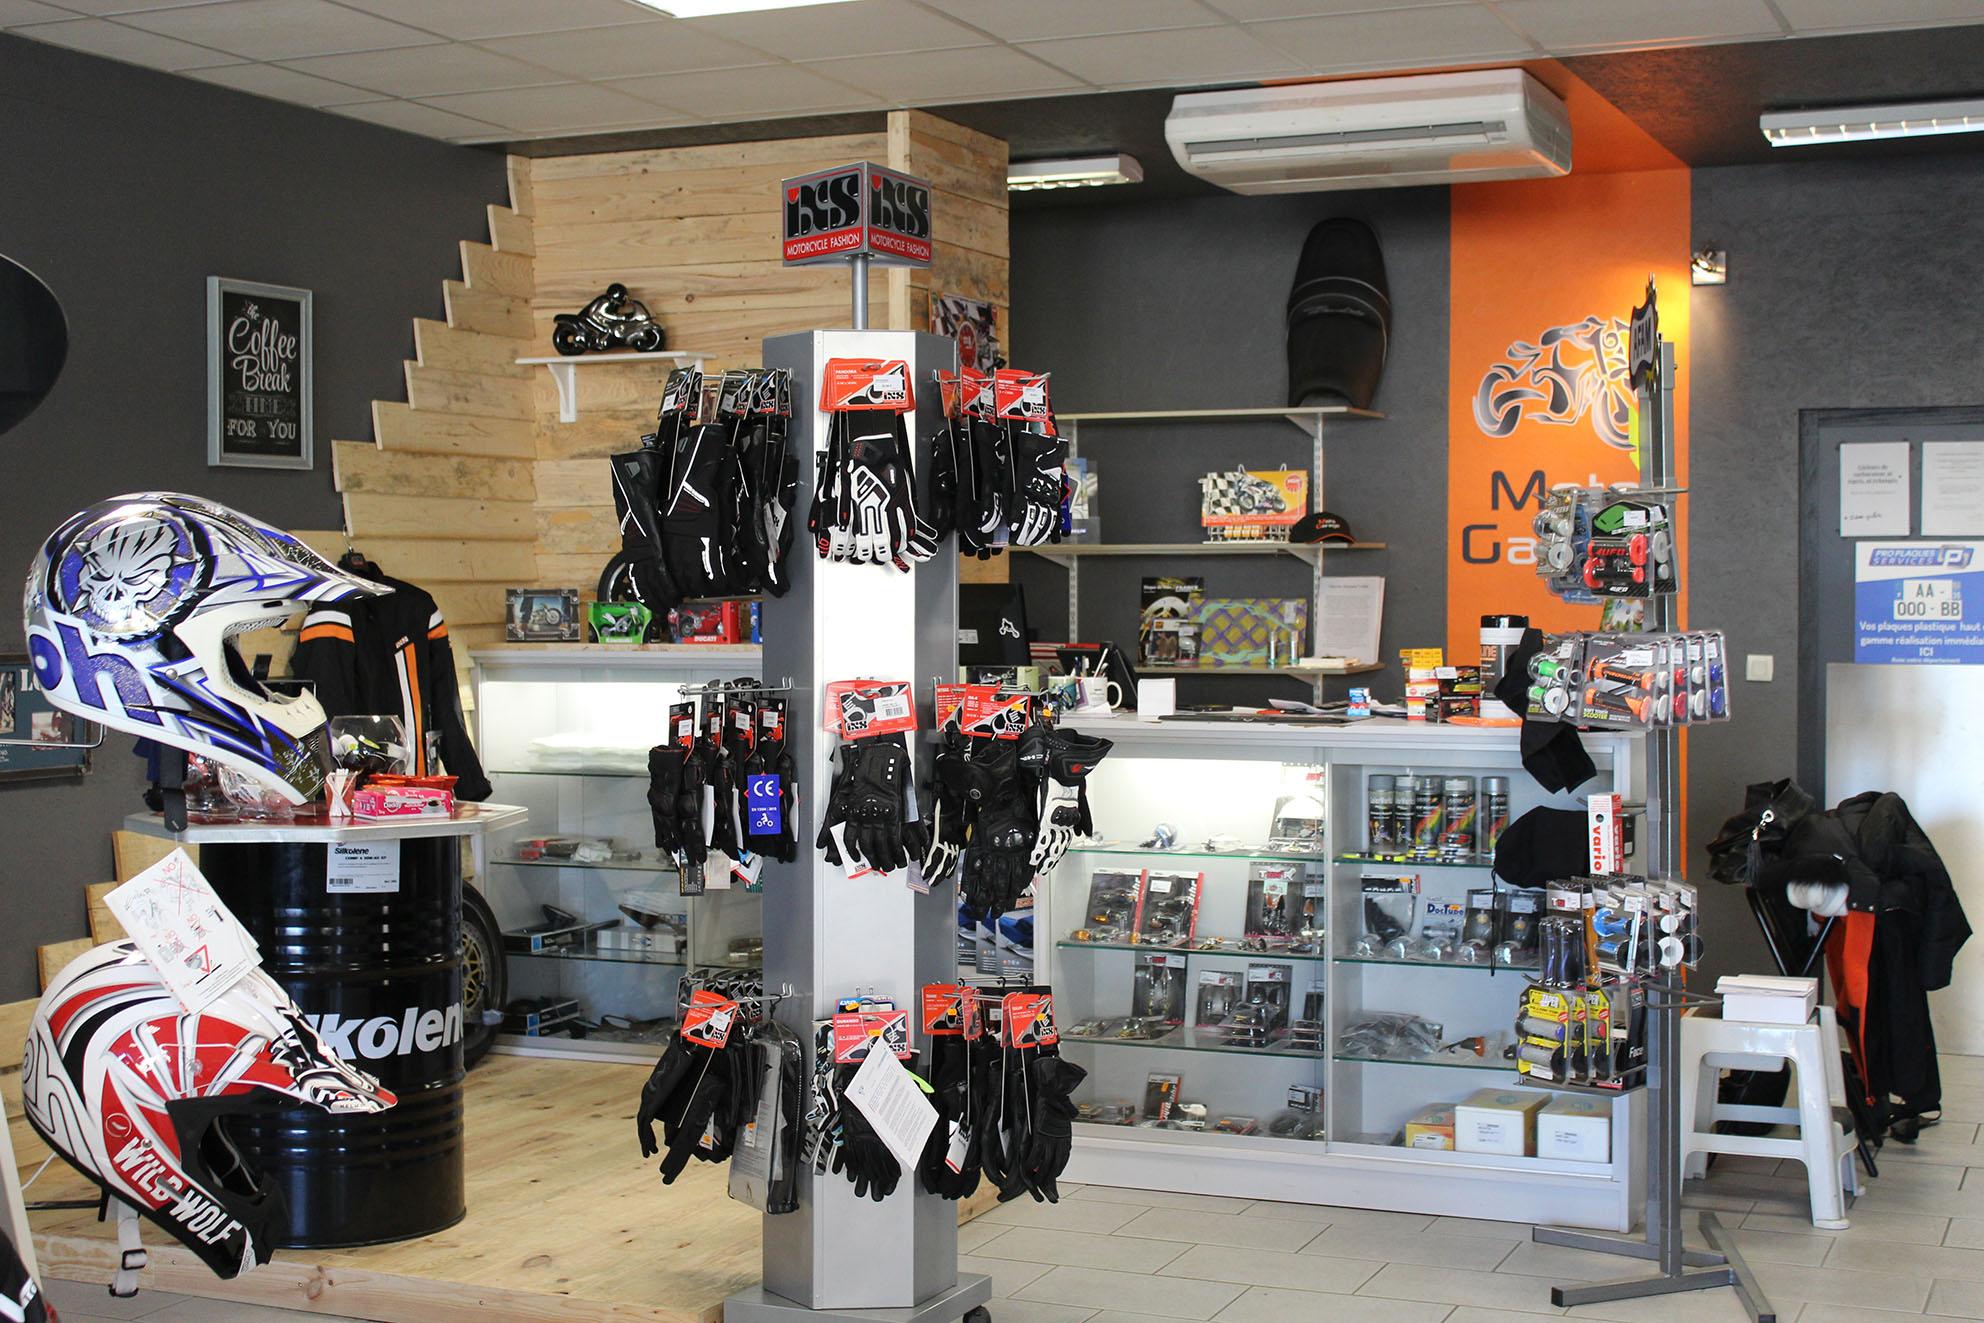 accueil du magasin Moto Garage à Chemillé dans le Maine-et-Loire (49)